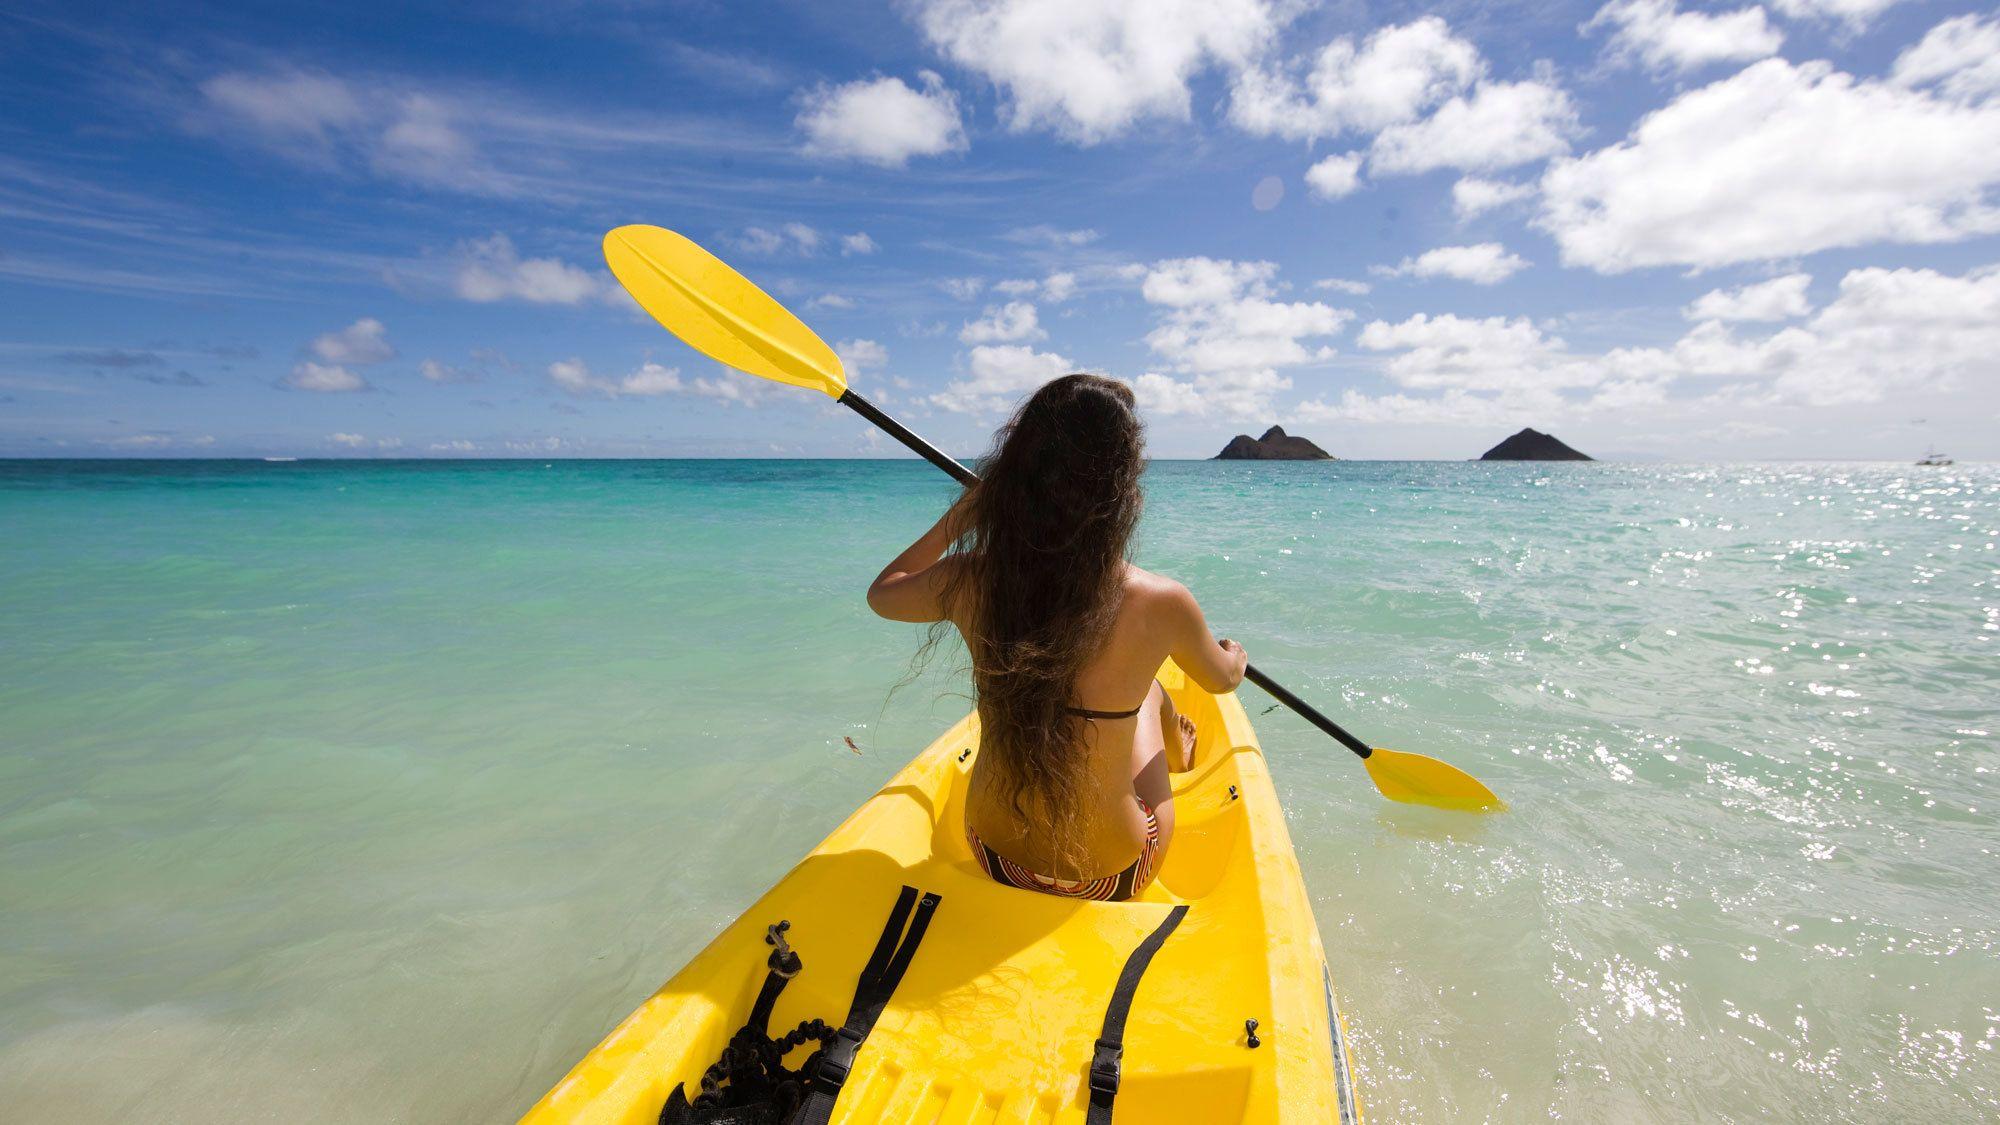 ラニカイ ビーチ, カイルア, ハワイ州, アメリカ